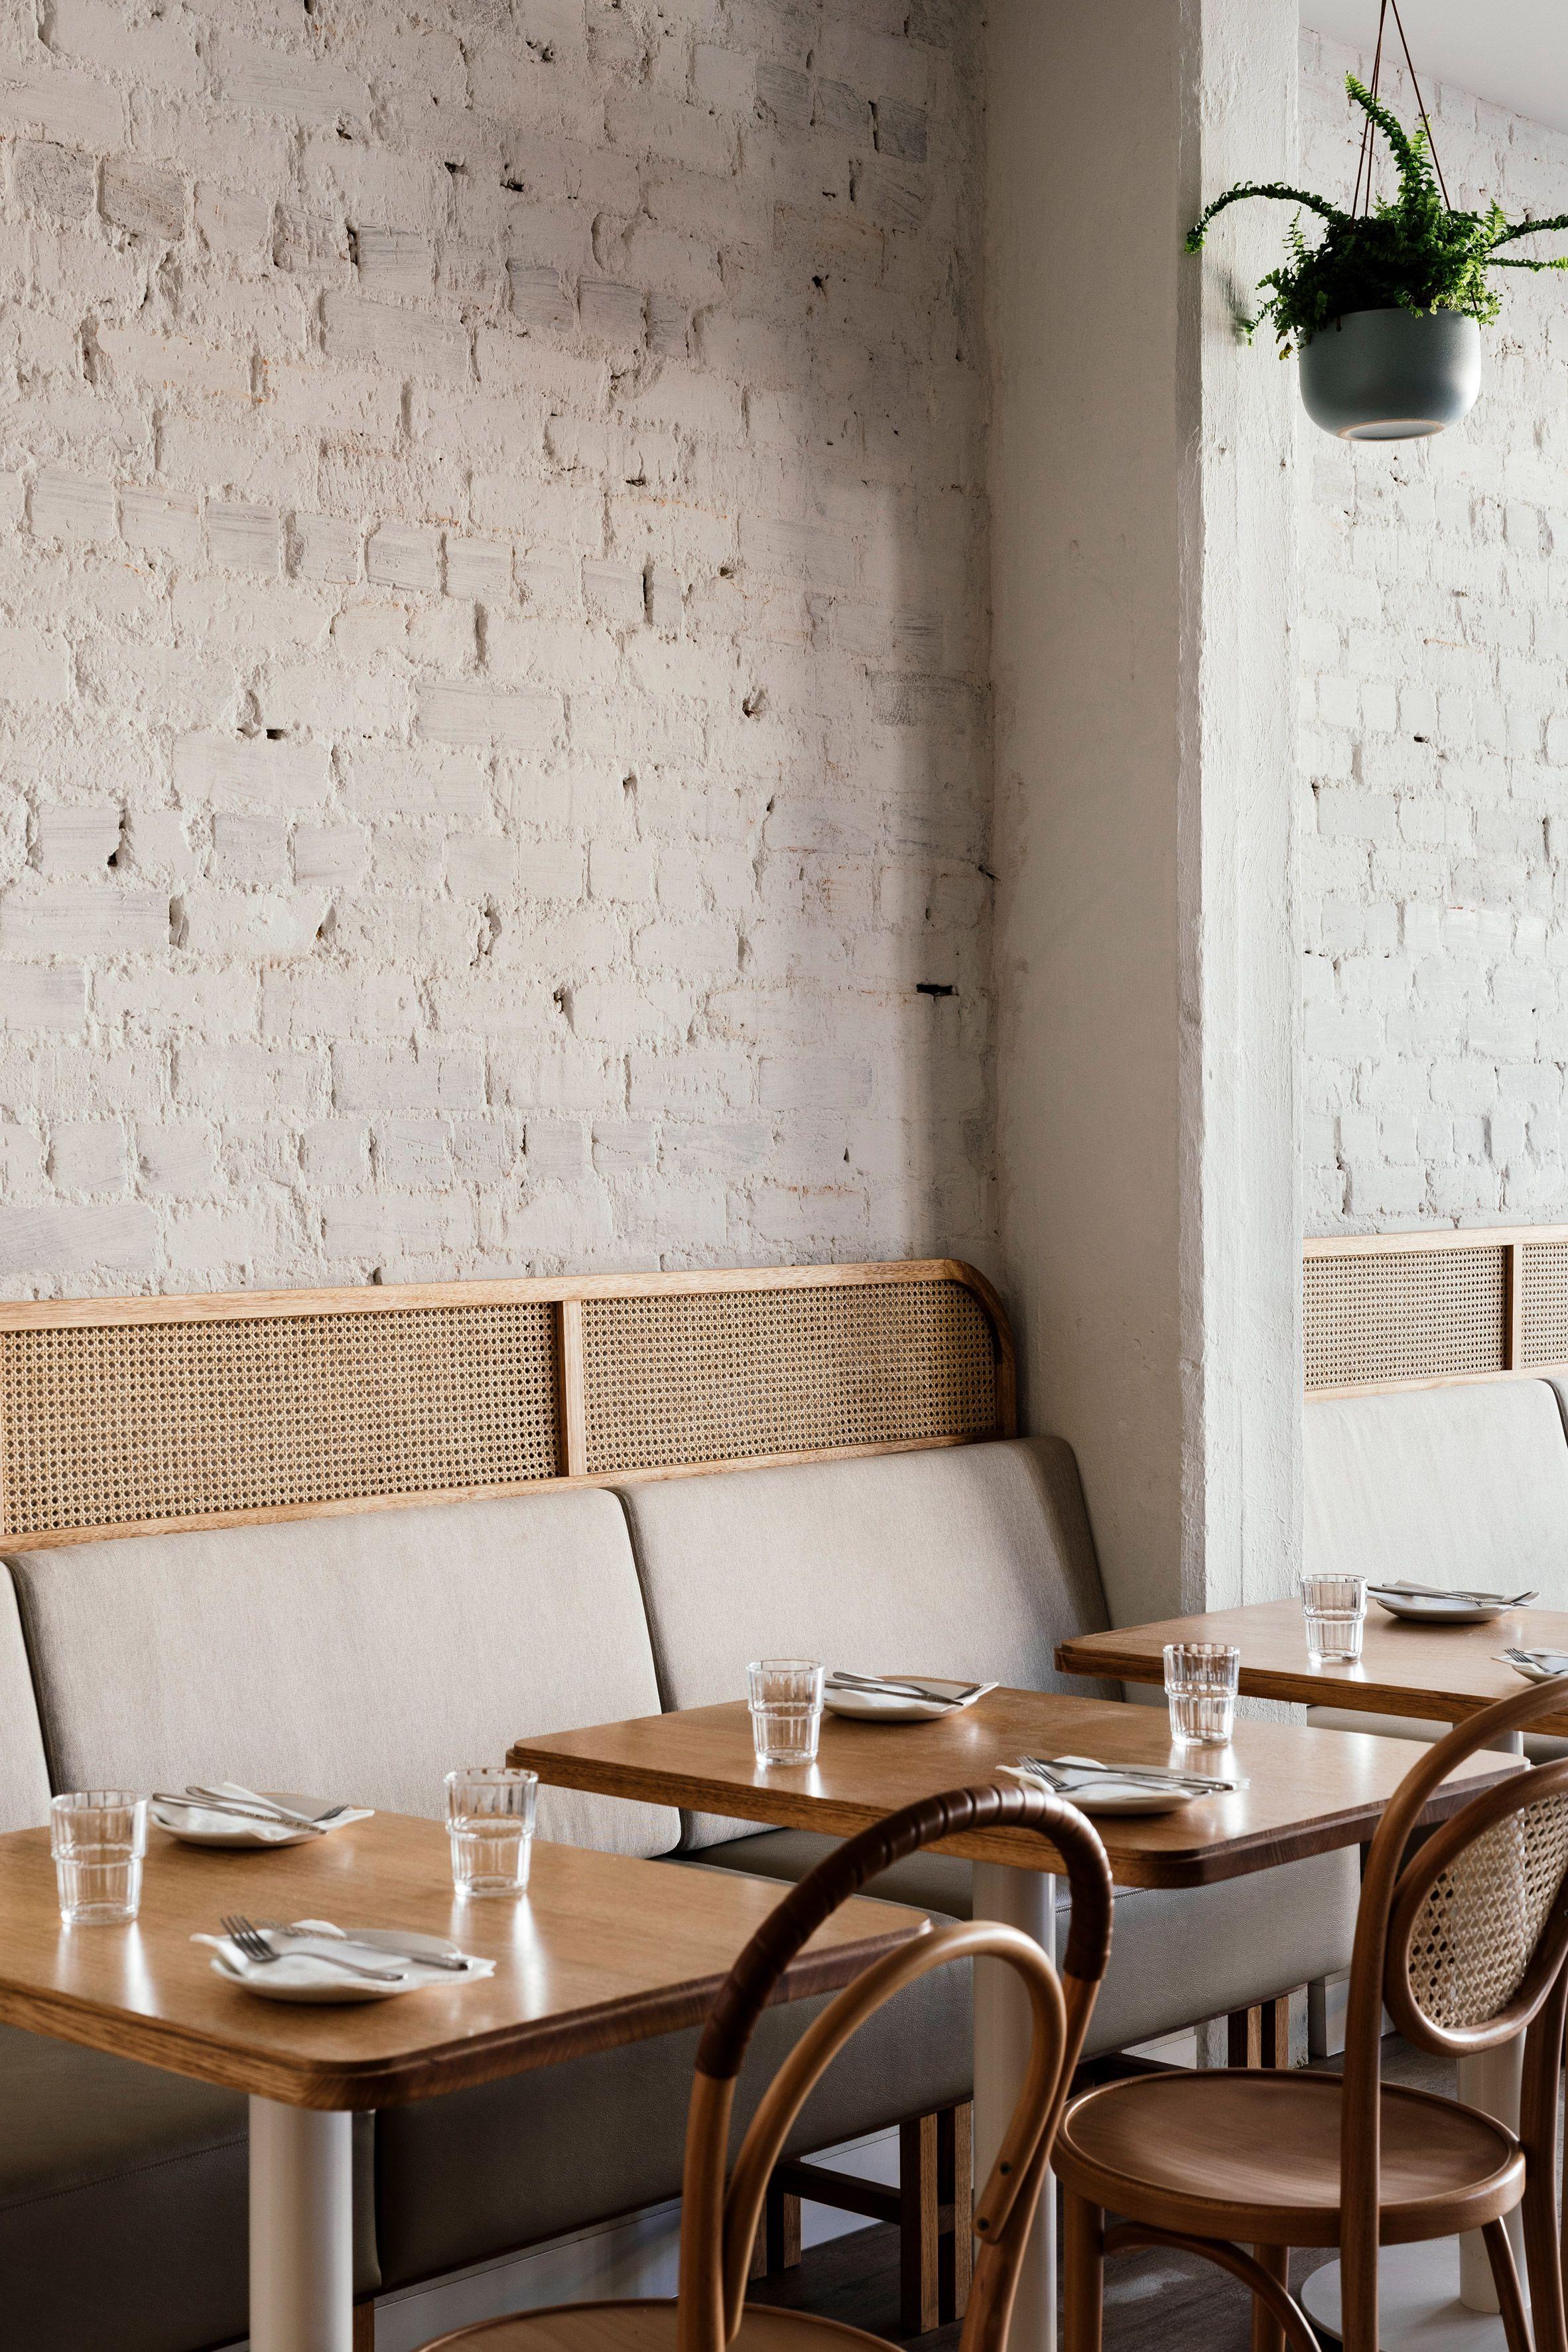 Https Www Dezeen Com 2019 08 07 Sisterhood Tasmania Restaurant Interiors Biasol Australia Restaurant Interior Interior Restaurant Design